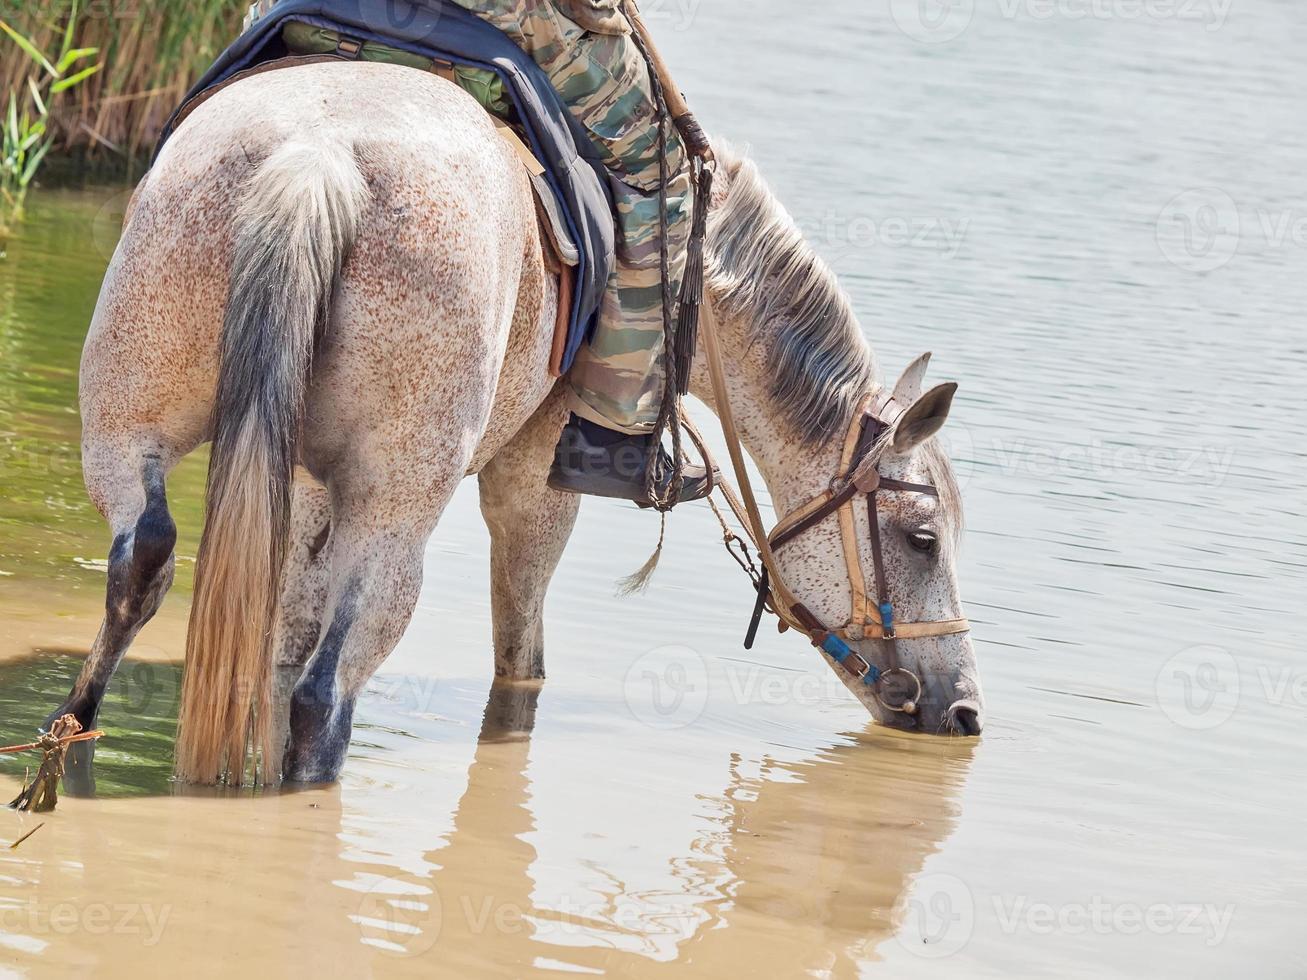 caballo de ganado con jinete en el agua foto